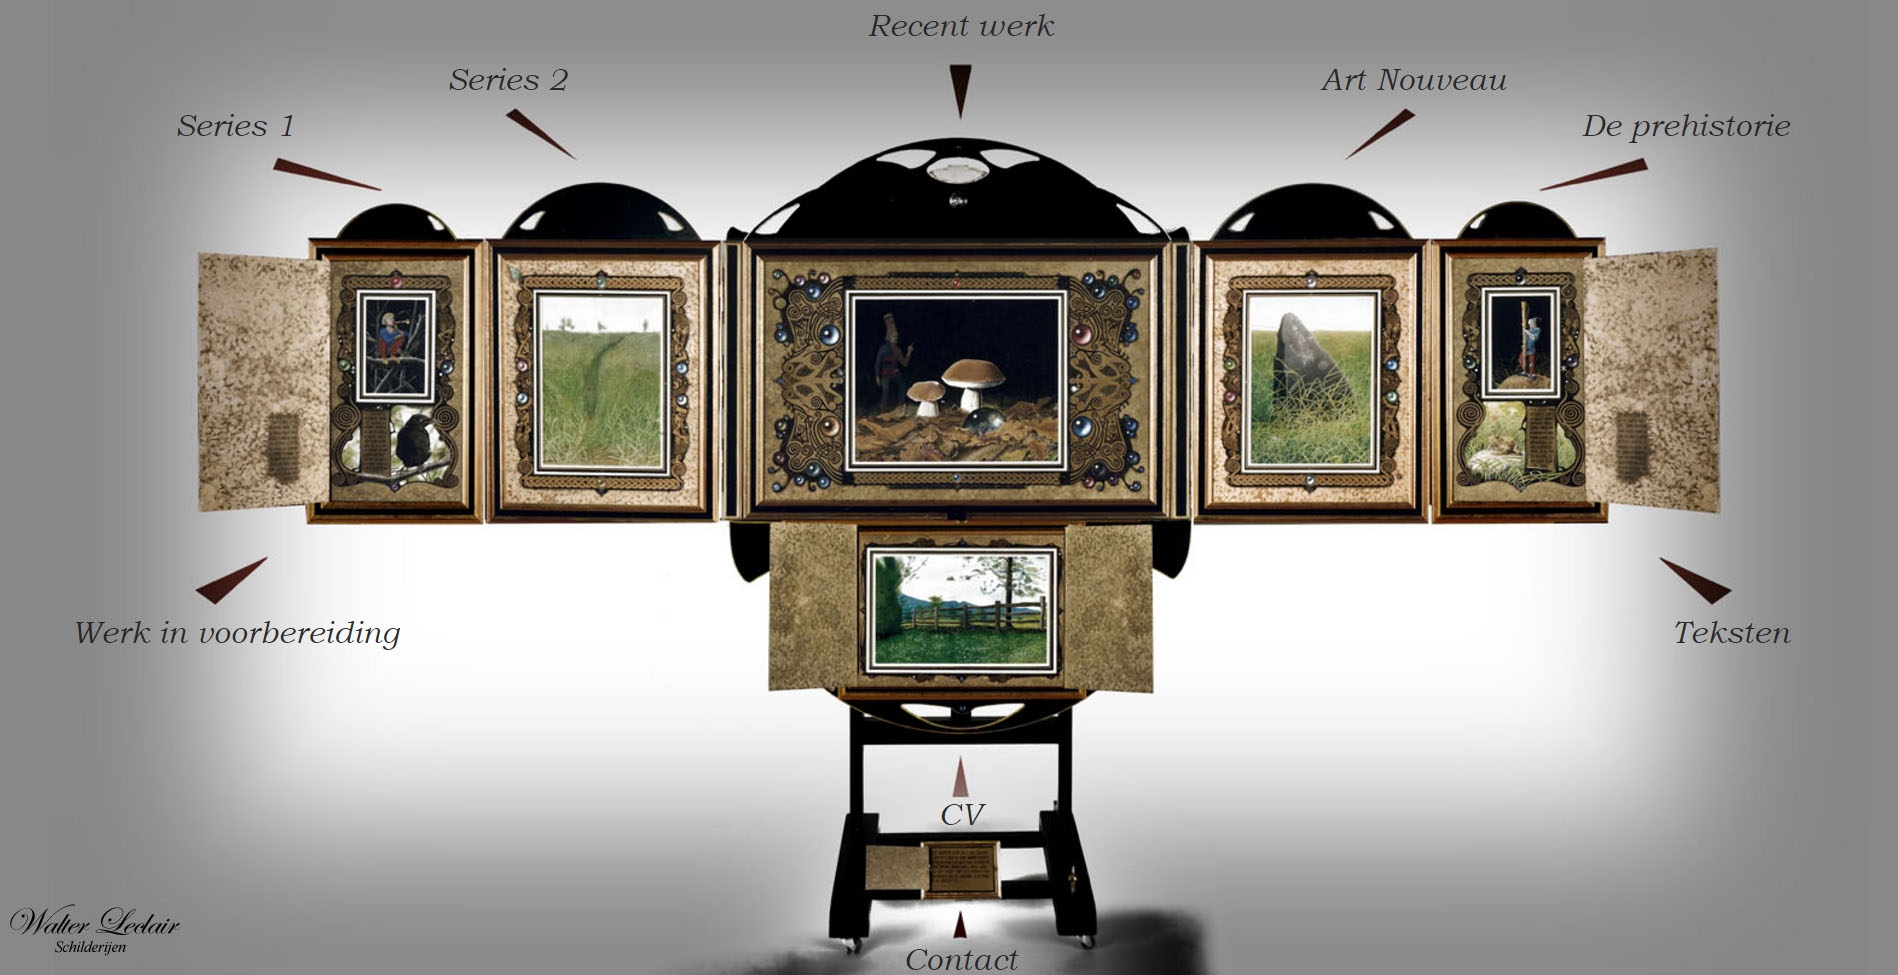 walterleclairschilderijen